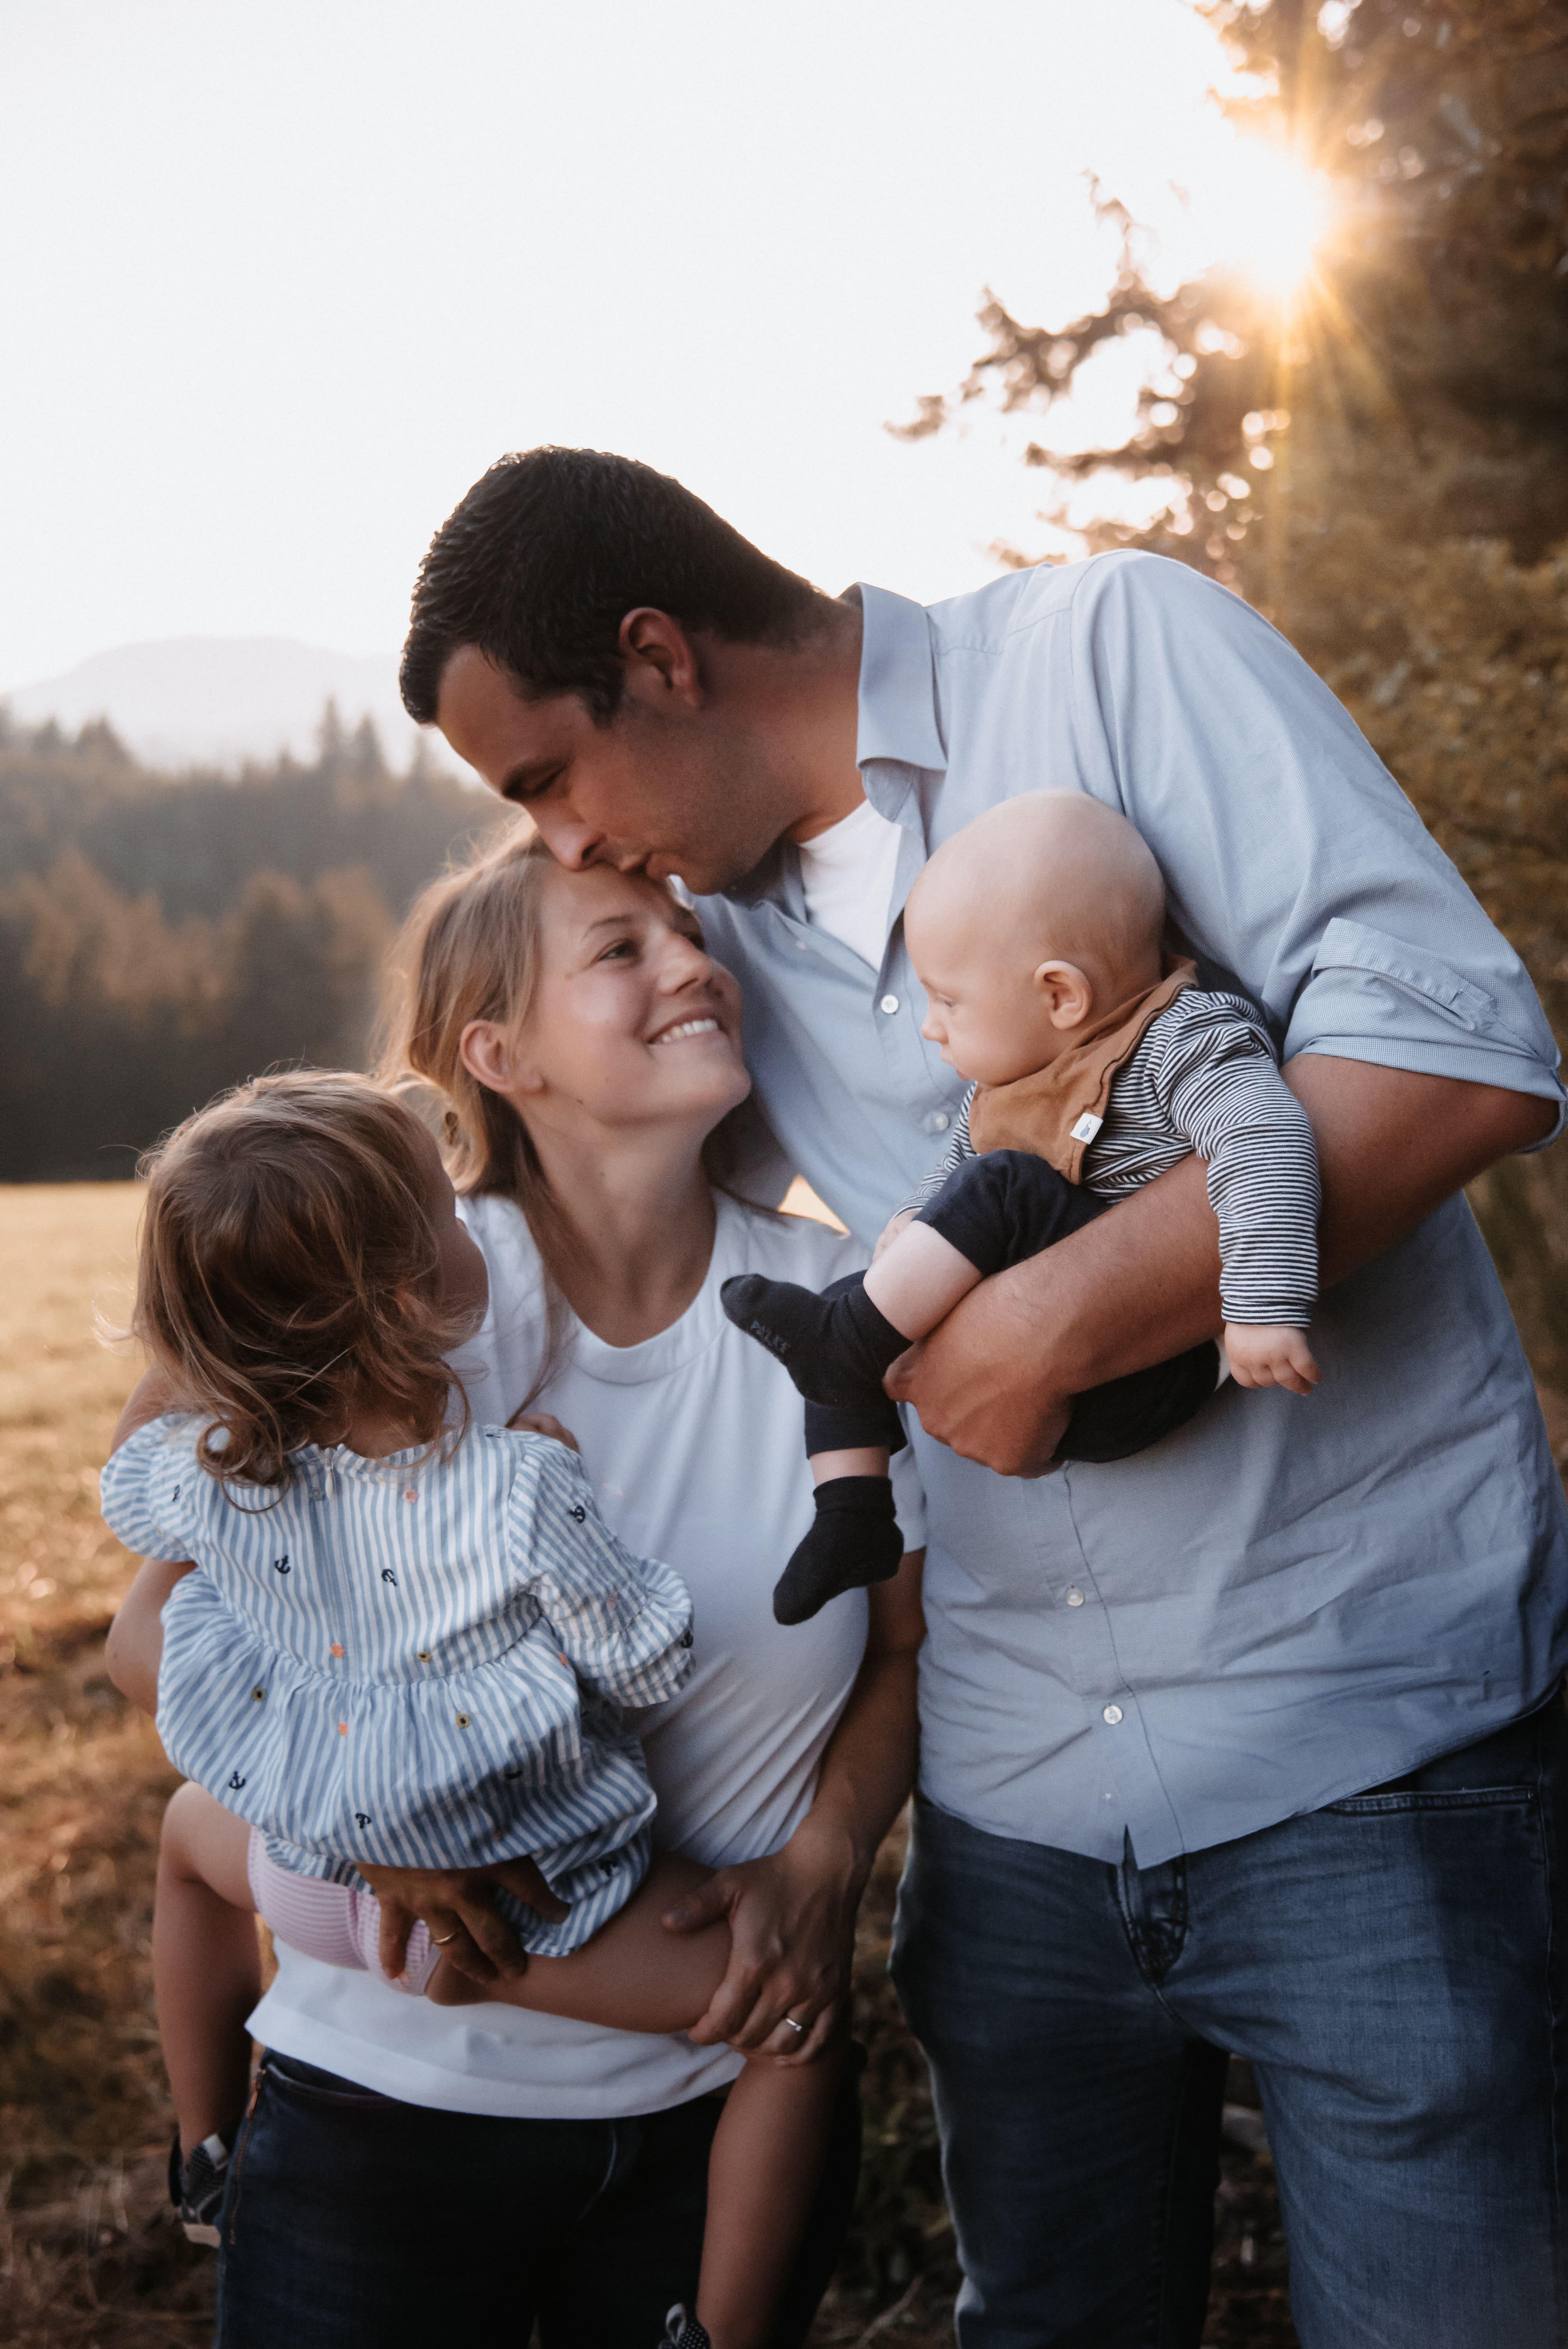 Familienglück zu viert